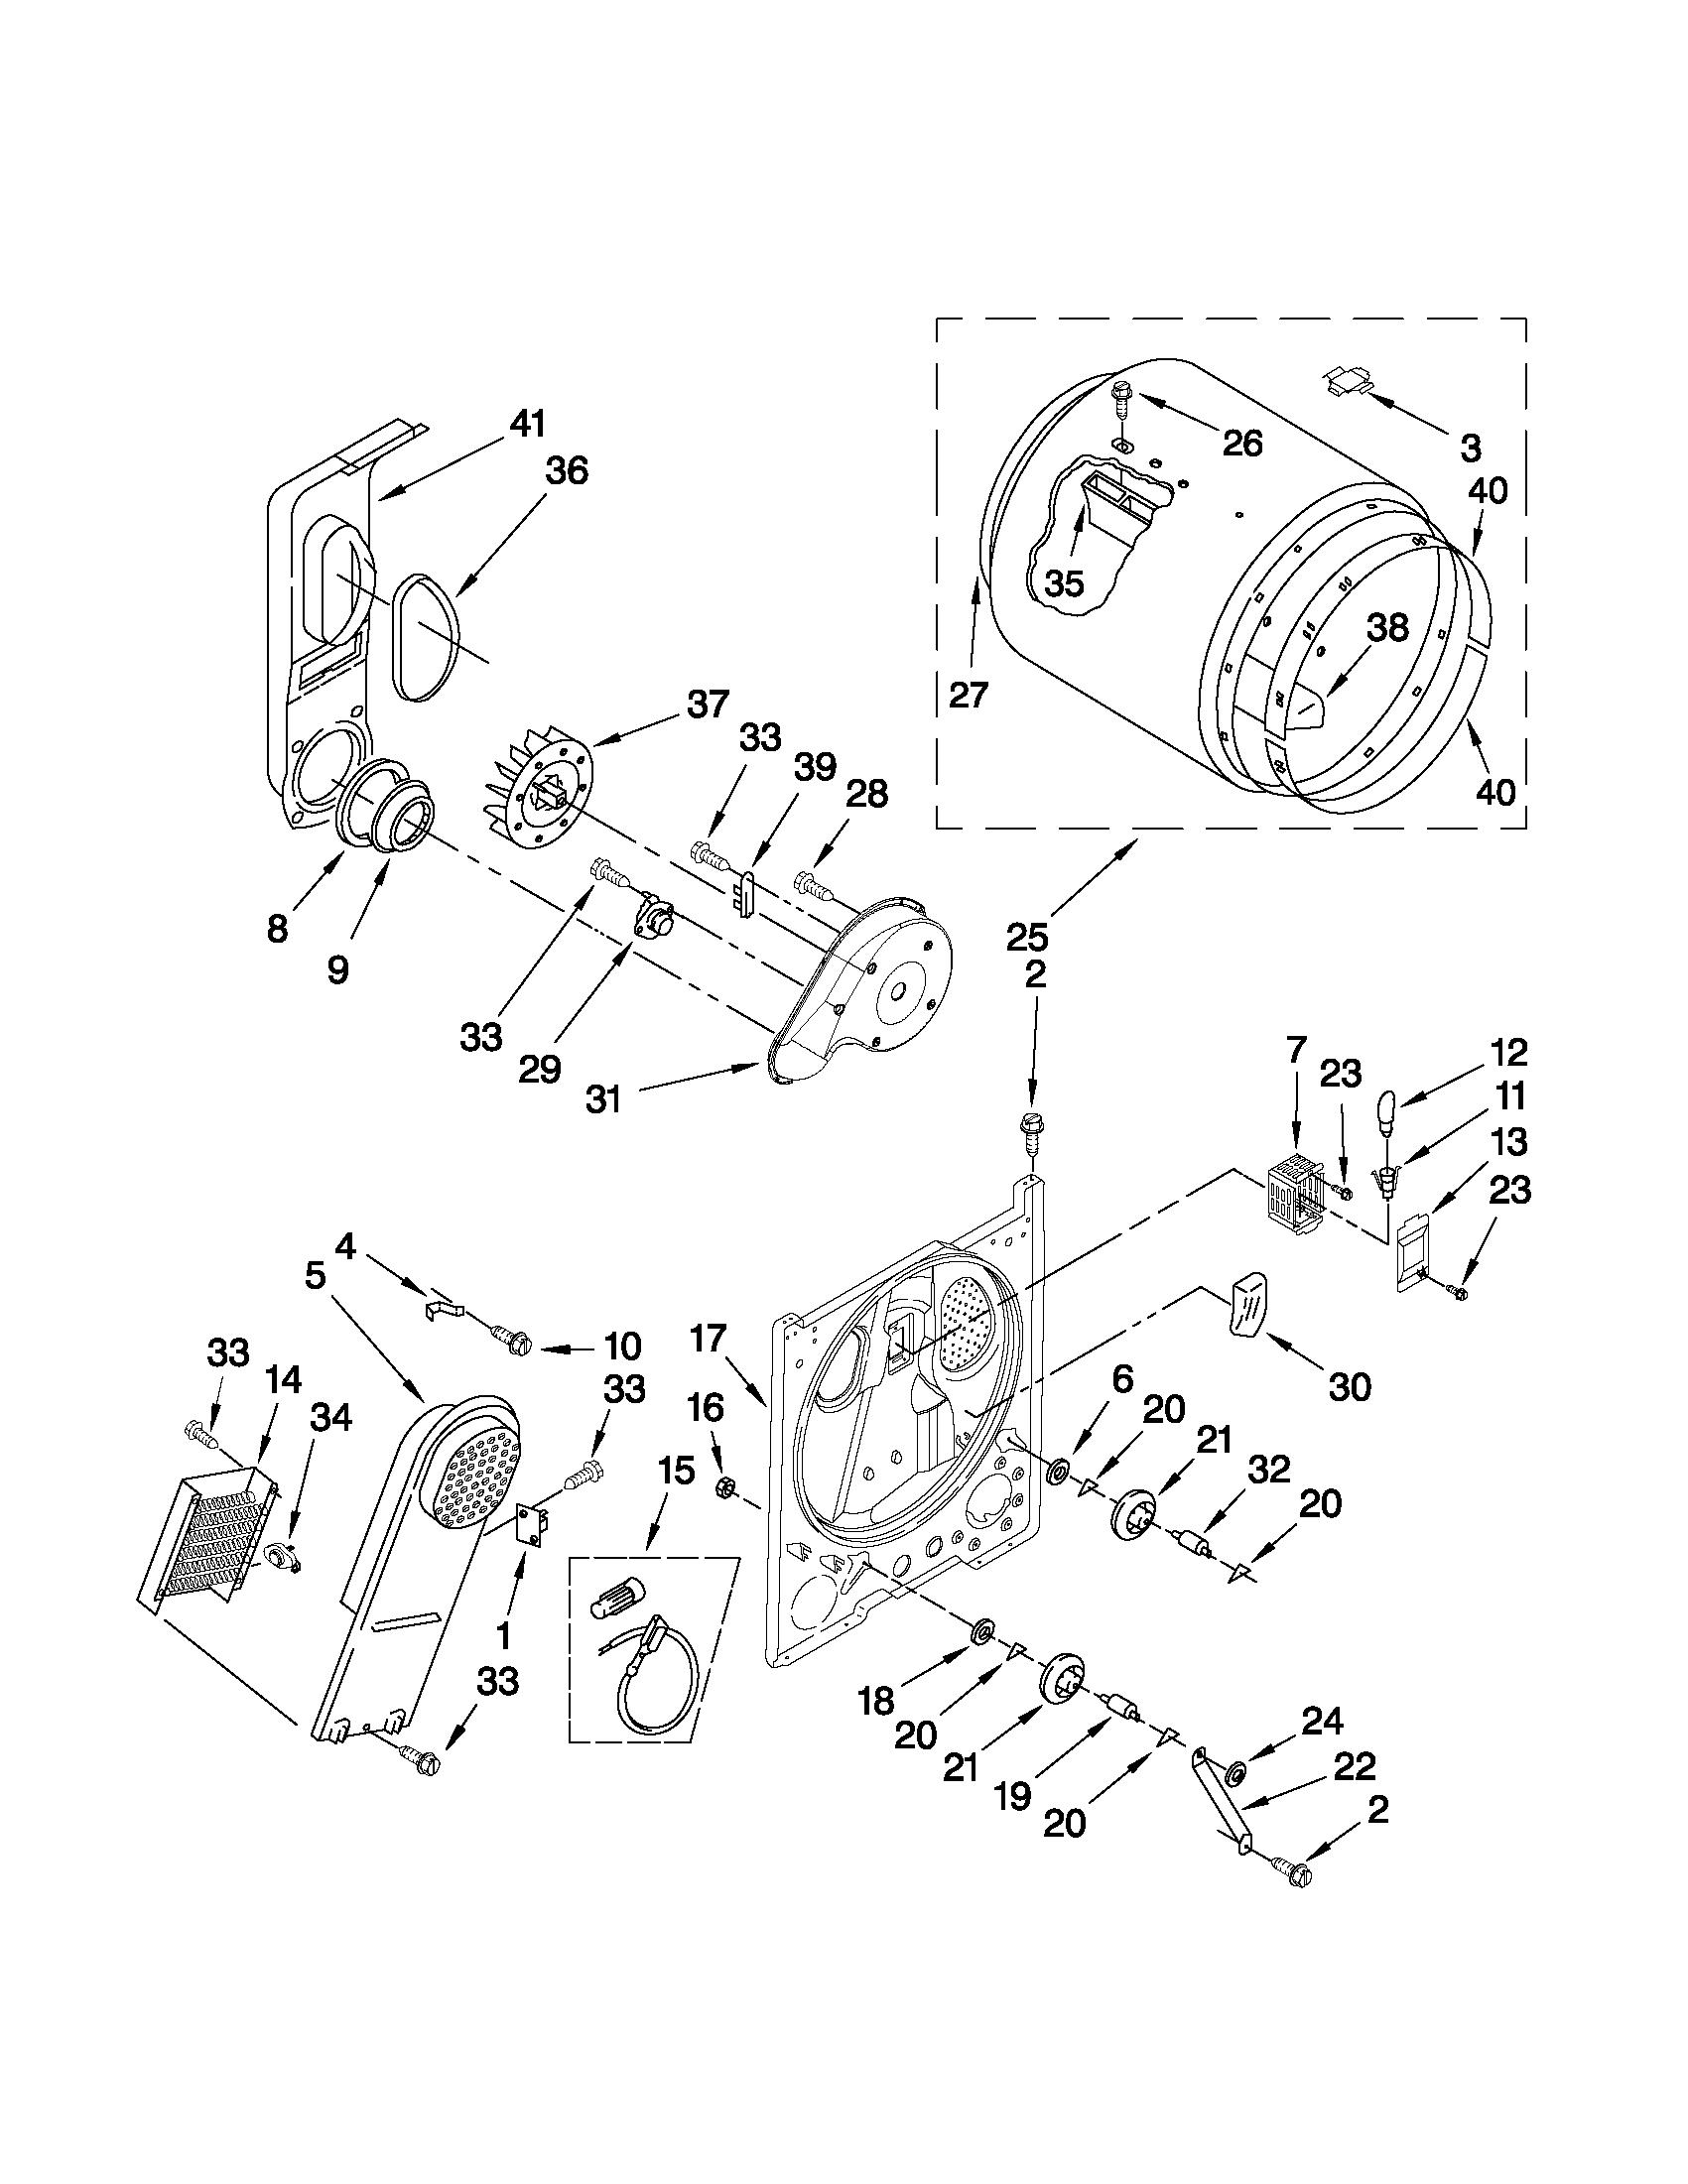 Kenmore 110 Dryer Heating Element